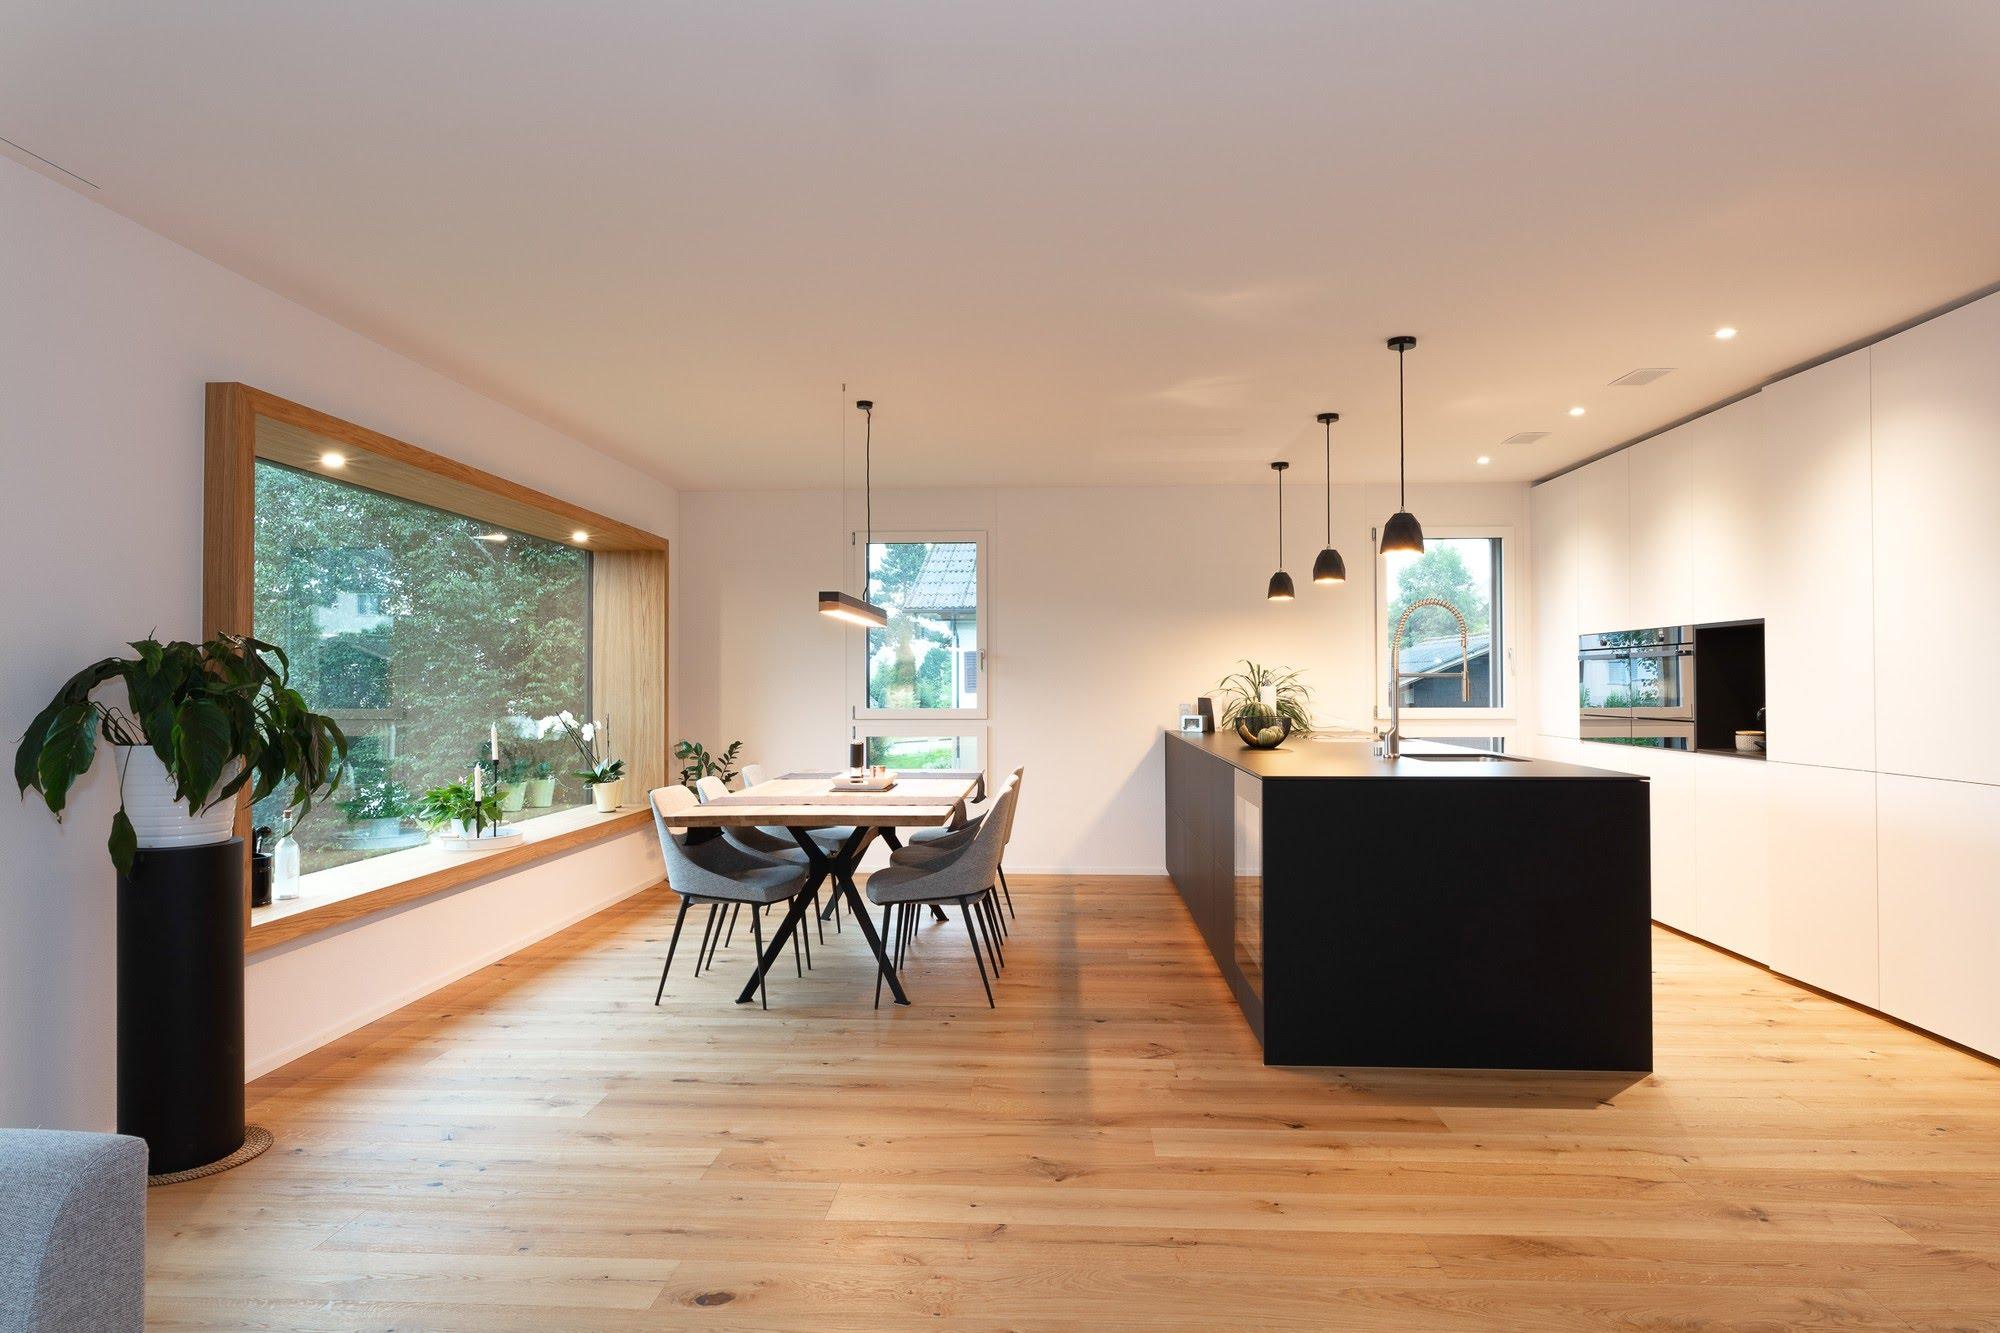 Wohnen EFH EFH Obergeissburg in Willisau Architektur,Wohnungsbau,Wohnhäuser,Einfamilienhäuser,Mehrfamilienhäuser